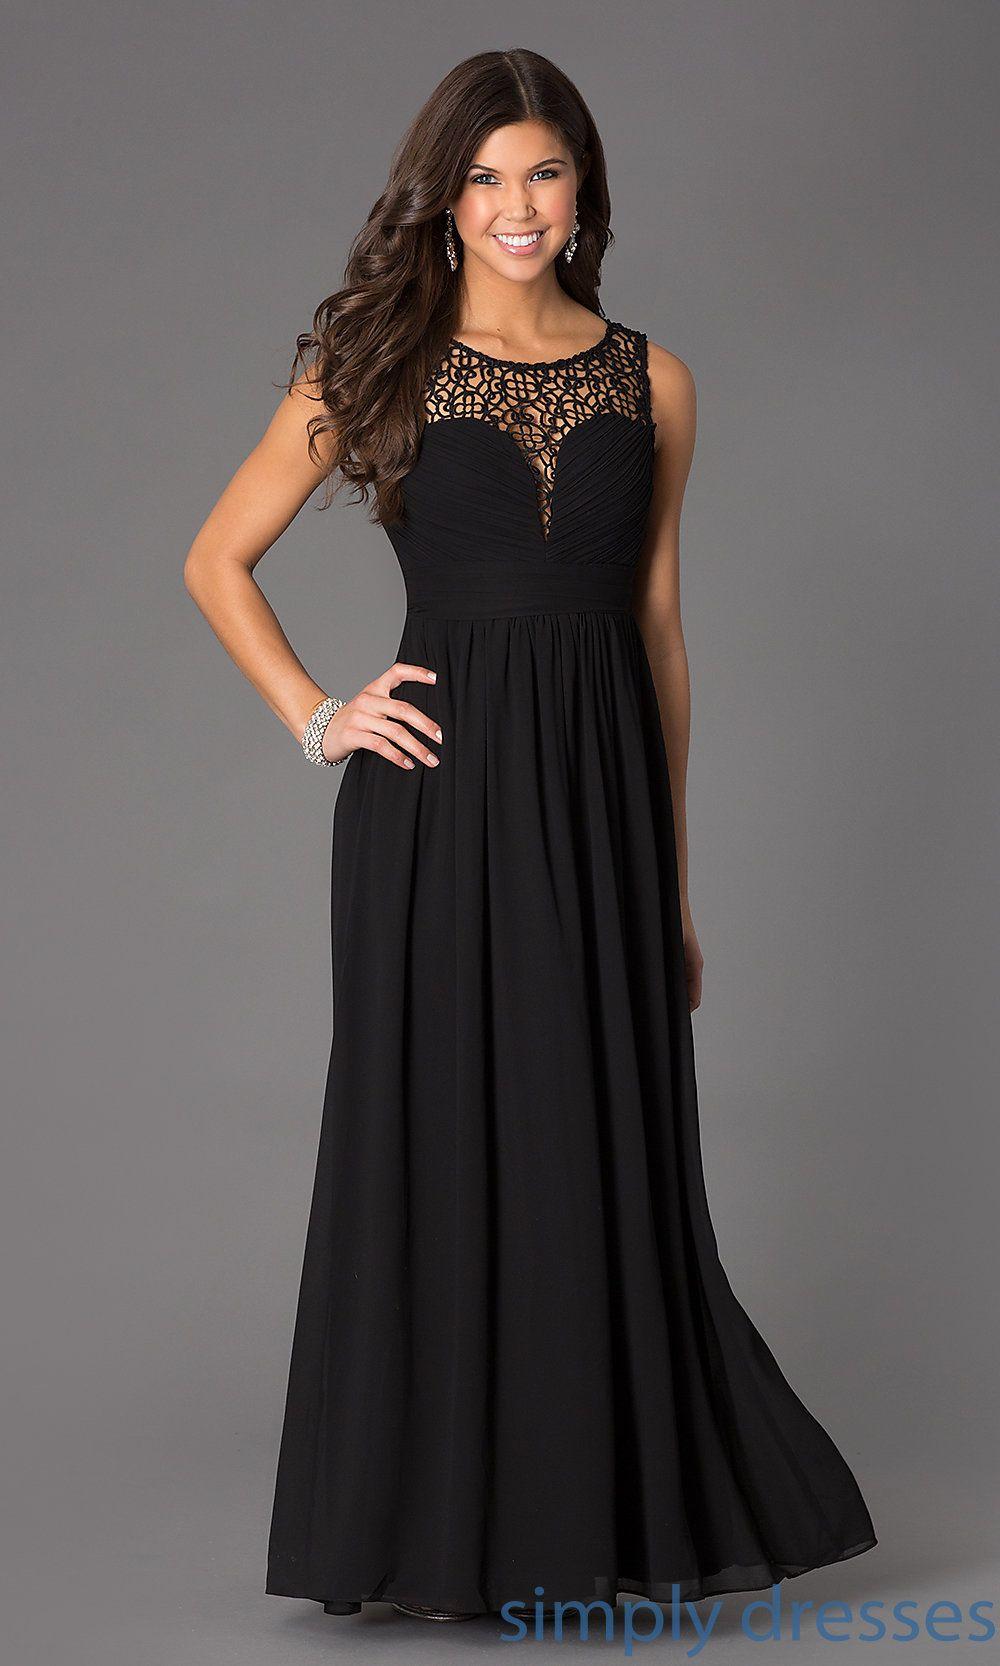 Long Black Lace Dresses   Dress images